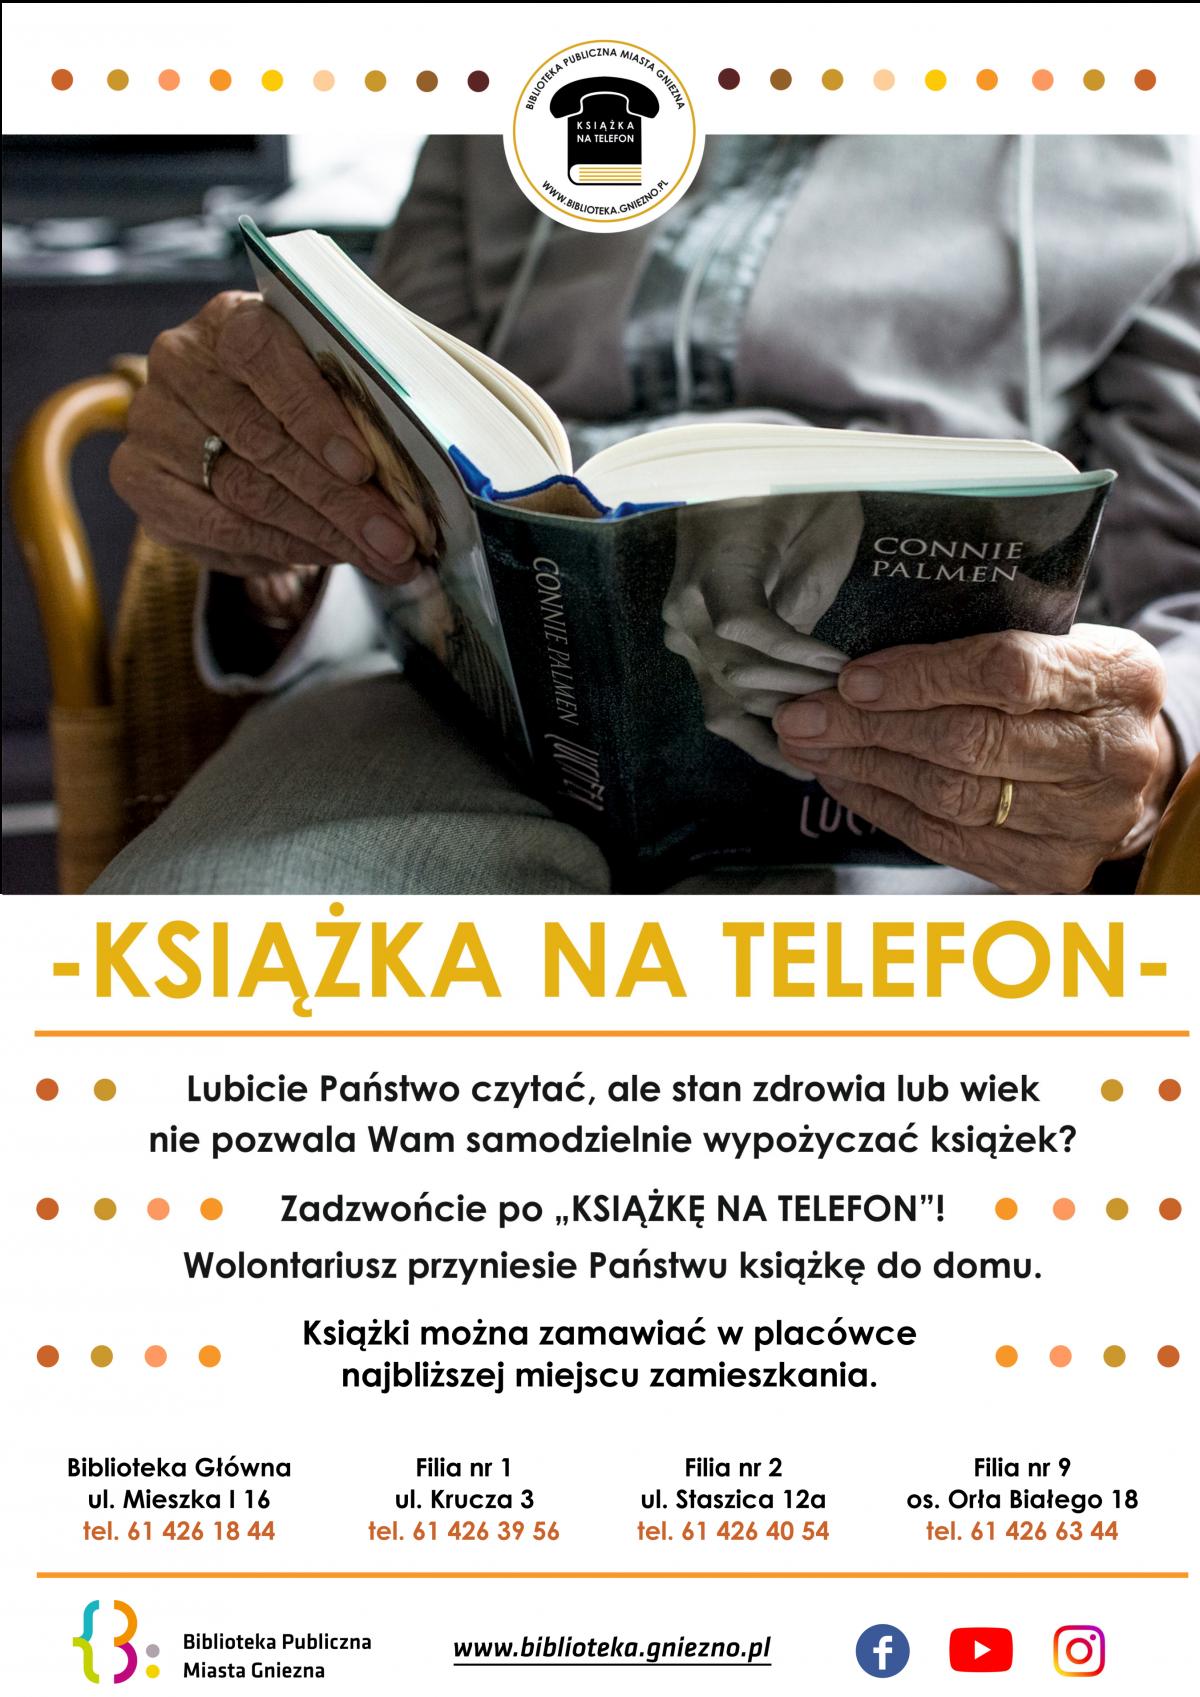 """Usługa """"Książka na telefon"""" już na stałe zagościła do oferty działań Biblioteki"""